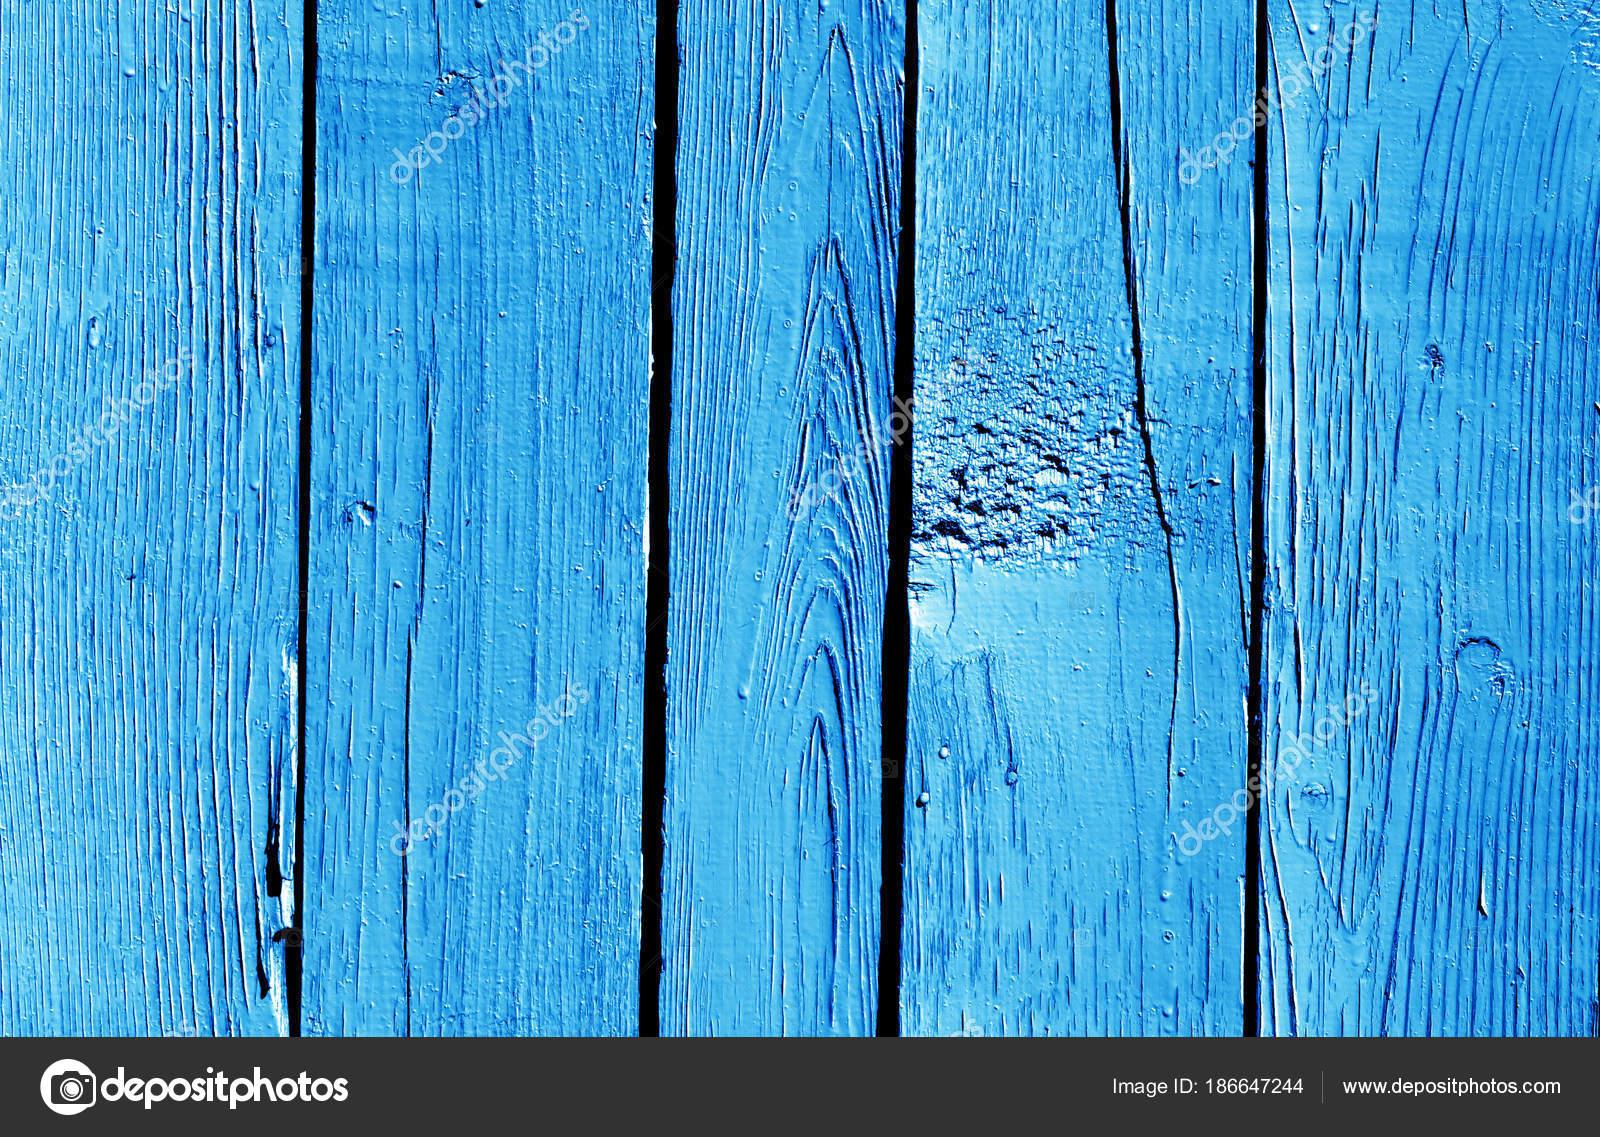 motif de clôture en bois de couleur bleu marine — photographie